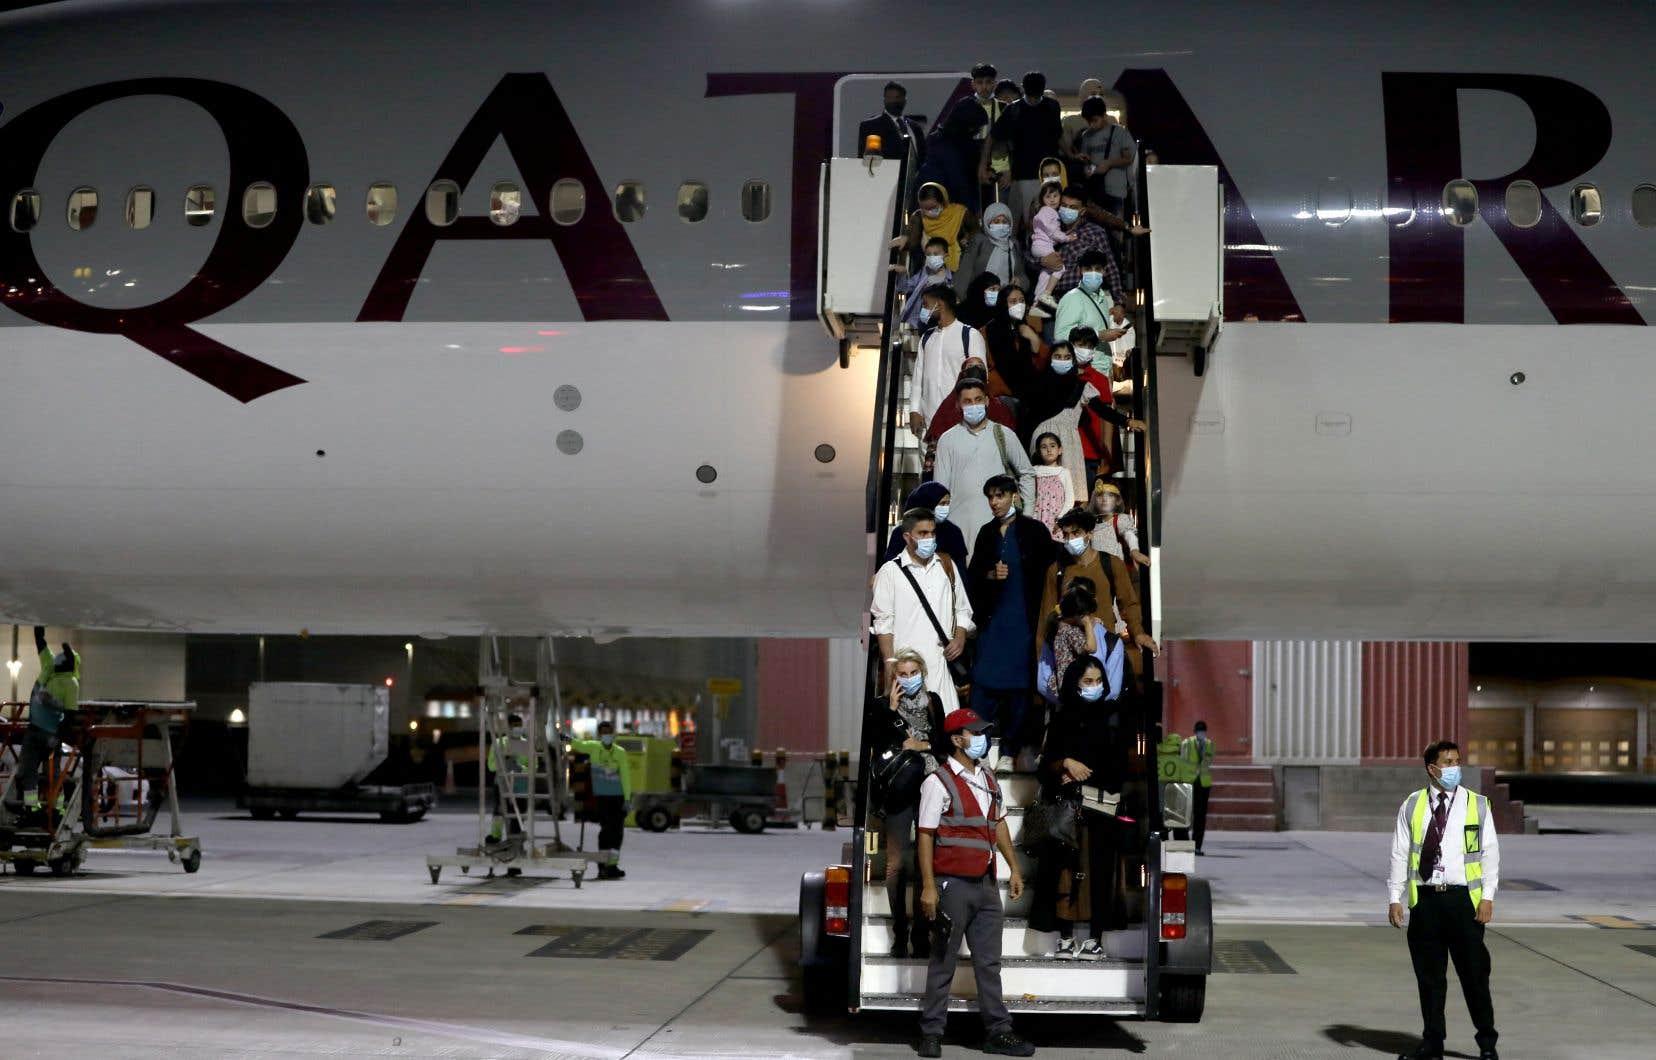 Le ministère français des Affaires étrangères a fait état de 49 Français ou membres de leurs familles dans ce vol.